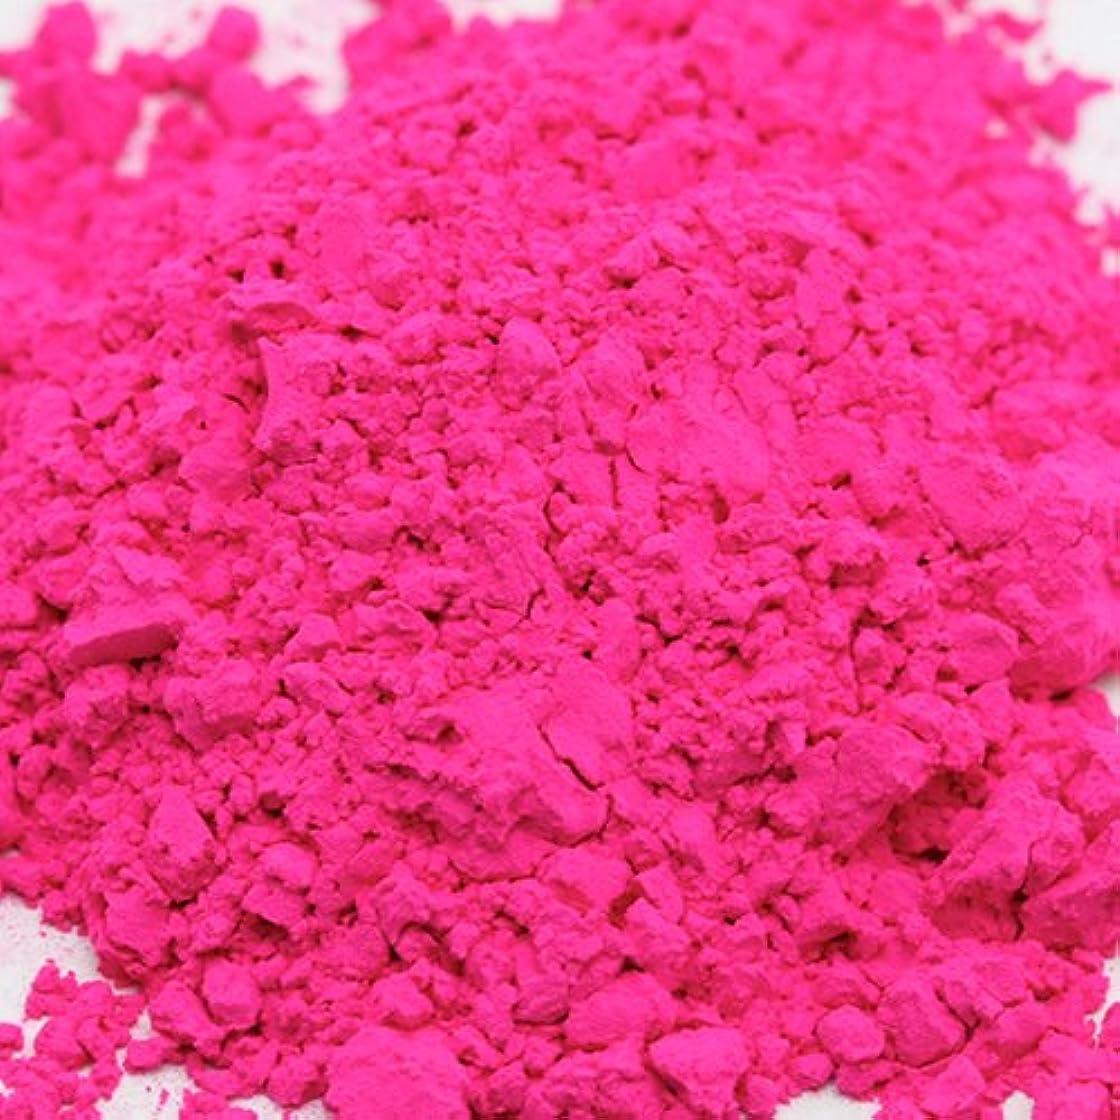 錆び接触フリッパーキャンディカラー ピンク 5g 【手作り石鹸/手作りコスメ/色付け/カラーラント】